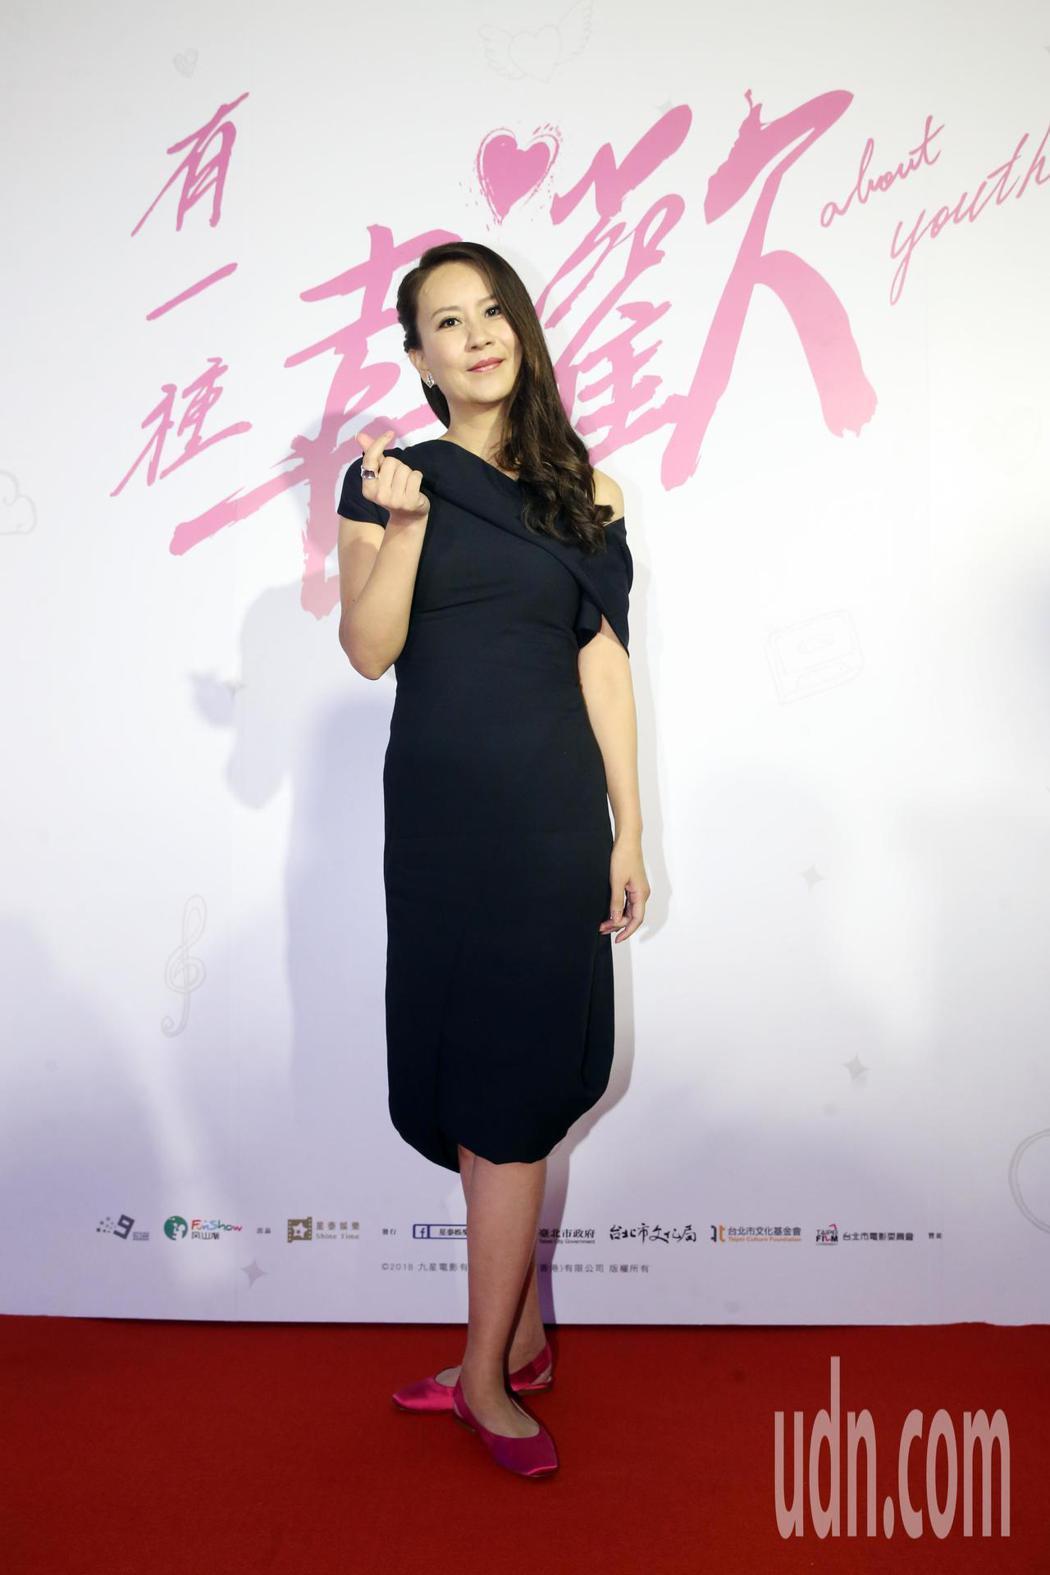 電影「有一種喜歡」舉辦首映會,導演王郁惠出席活動。記者許正宏/攝影